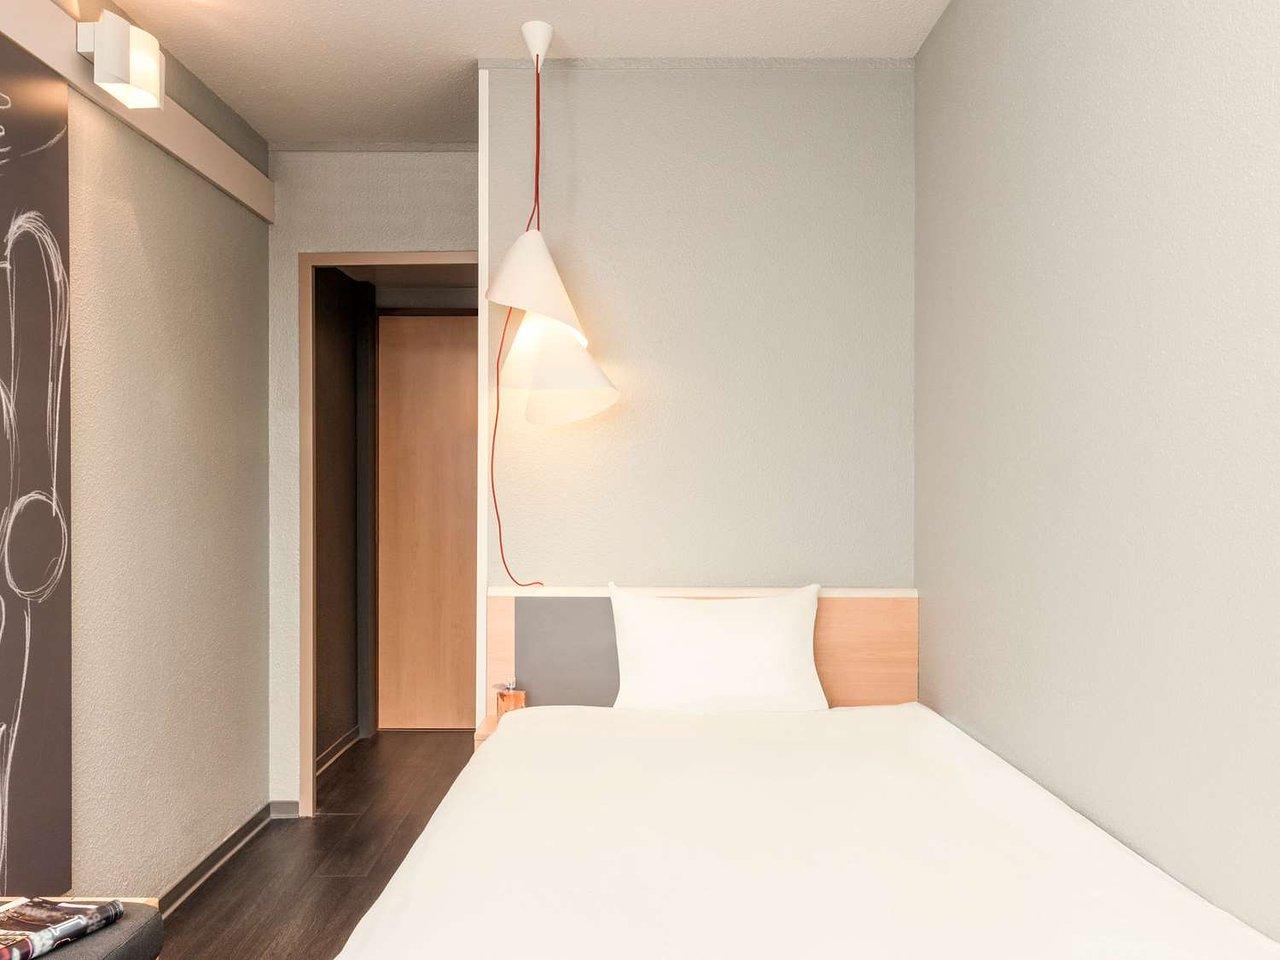 Le Rendez Vous Enchanté Le Chesnay ibis versailles parly 2 $54 ($̶8̶3̶) - prices & hotel